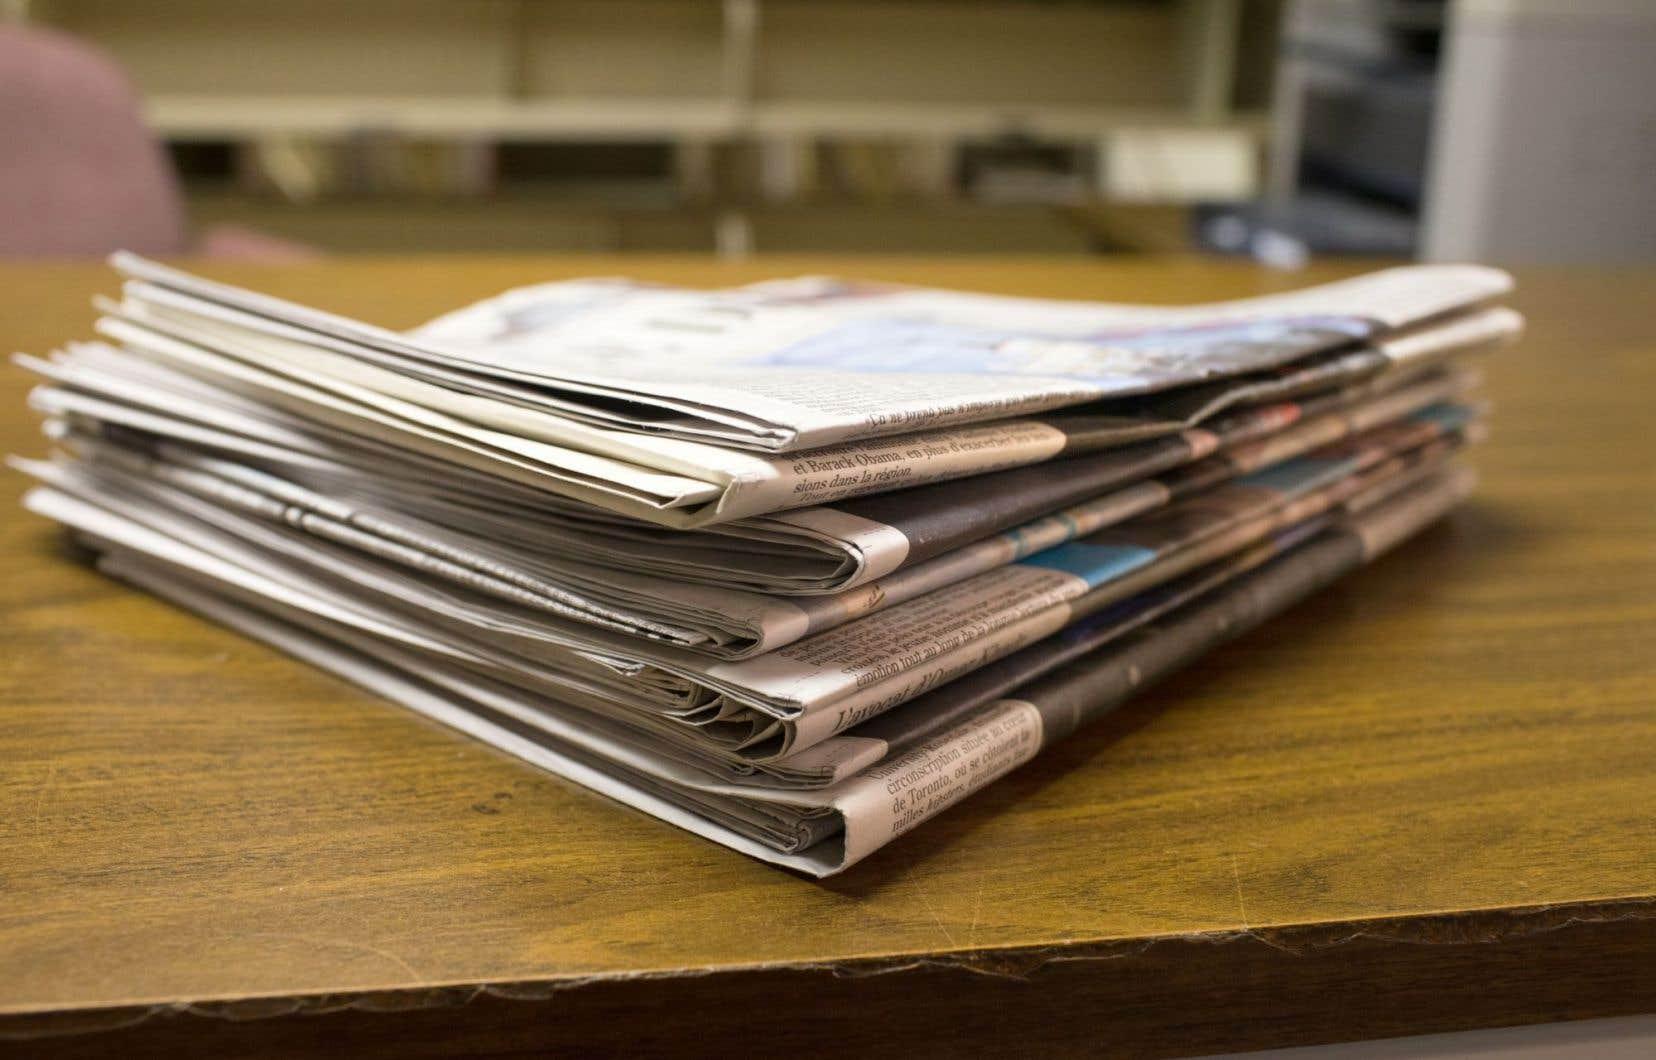 Le ministère de la Sécurité publique accordera dès cette semaine aux journalistes le même niveau de difficulté pour l'obtention d'une surveillance légale qu'aux députés, juges et avocats.